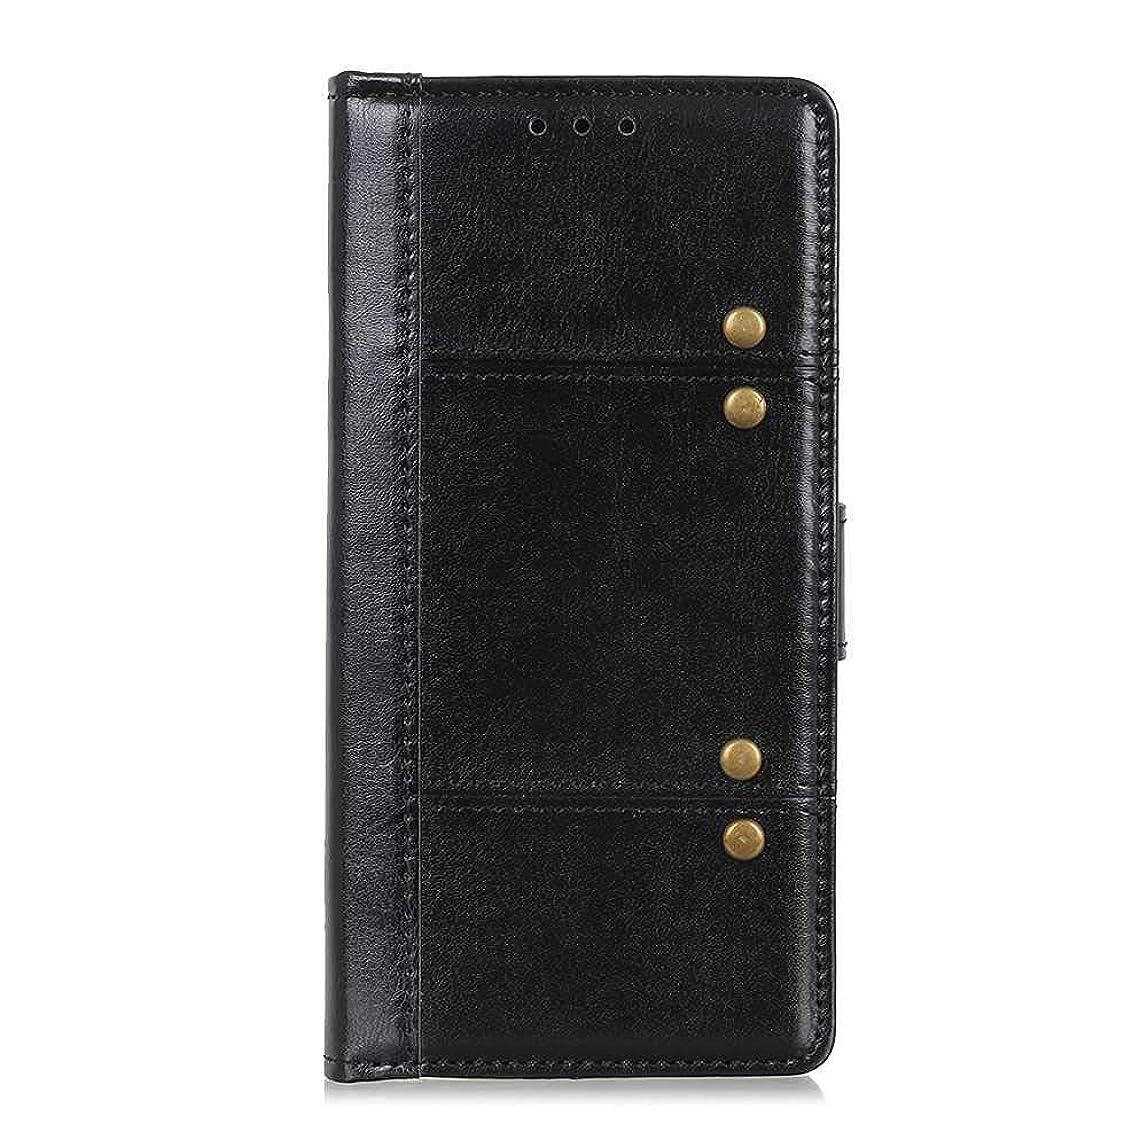 竜巻成分ルートOMATENTI Huawei Mate 20 Pro ケース, 簡約風 軽量薄型 良質 PU レザー 財布型 ビジネス ケース, 衝撃吸収 液晶保護 カード収納 横置きスタンド機能付き マグネット開閉式, 黒